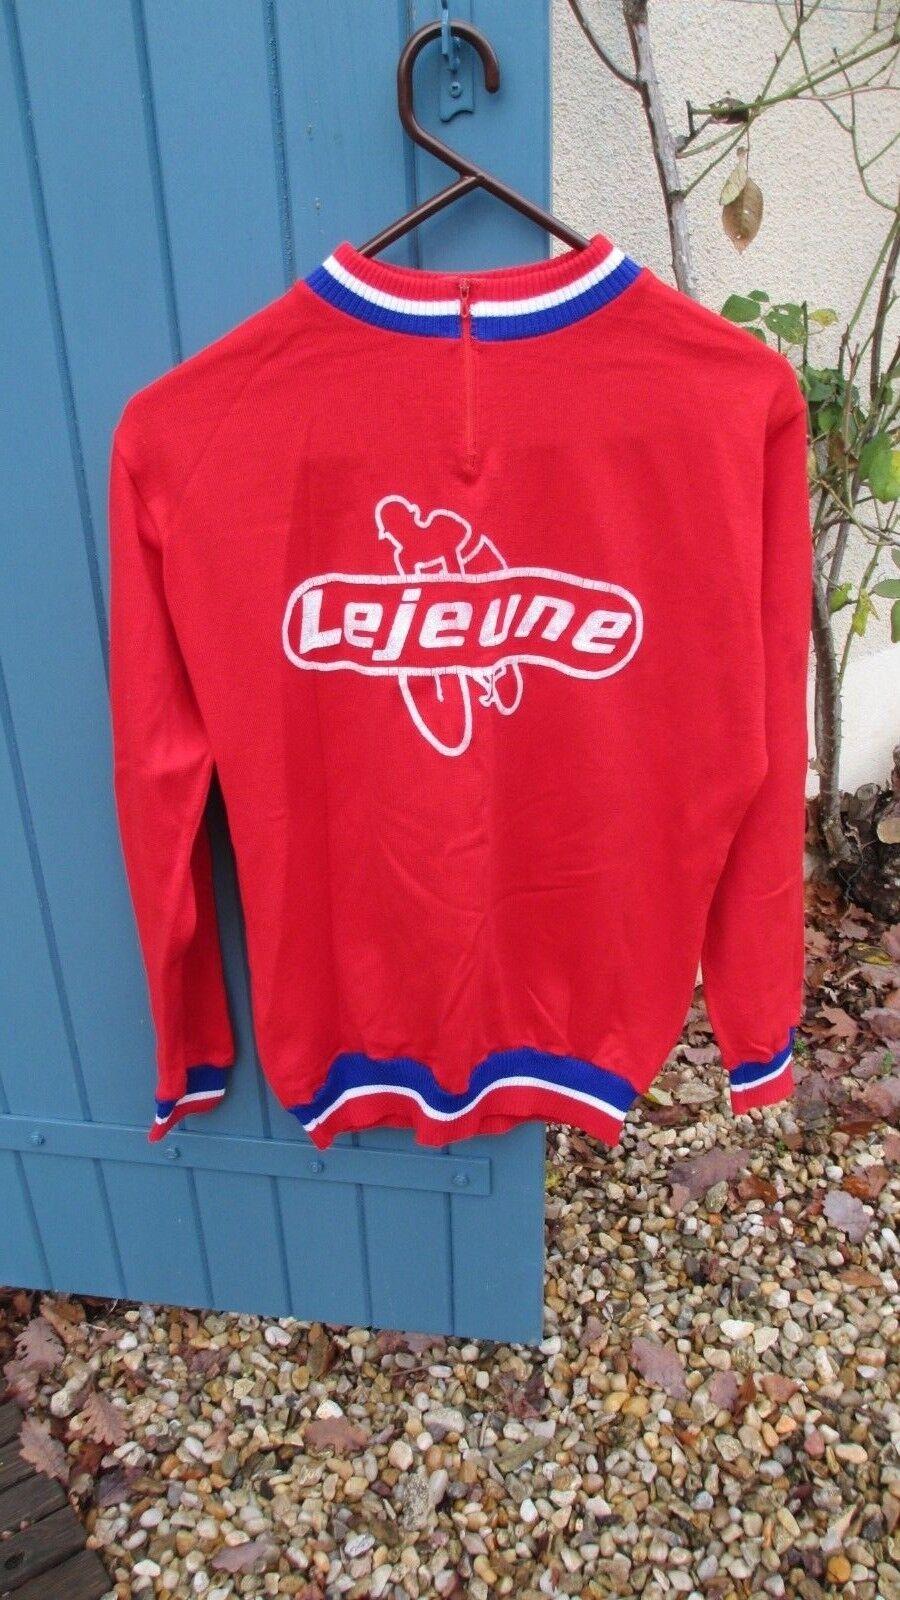 MERLOT de anshien lejon, suéteres de bicicleta retro.